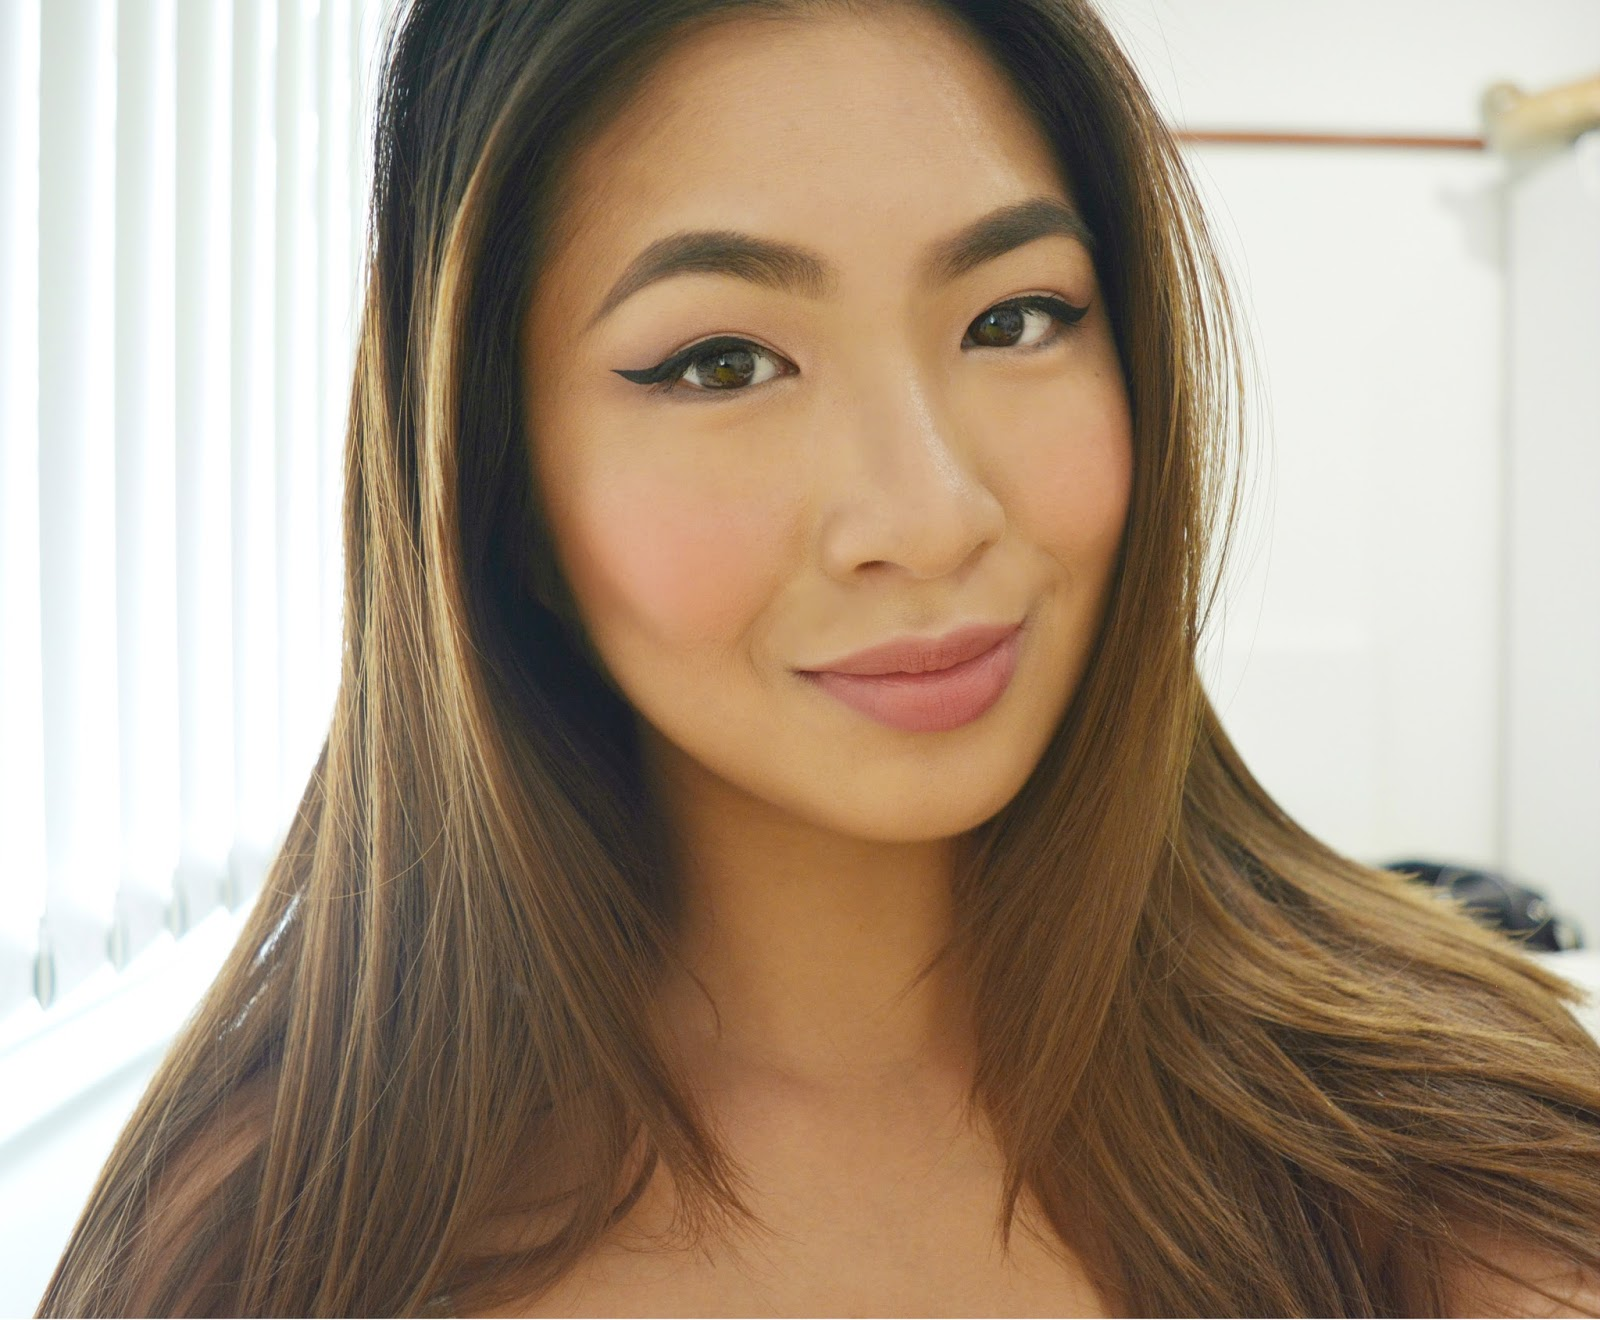 Men Prefer Online Daters Wearing Makeup; Celebs Natural